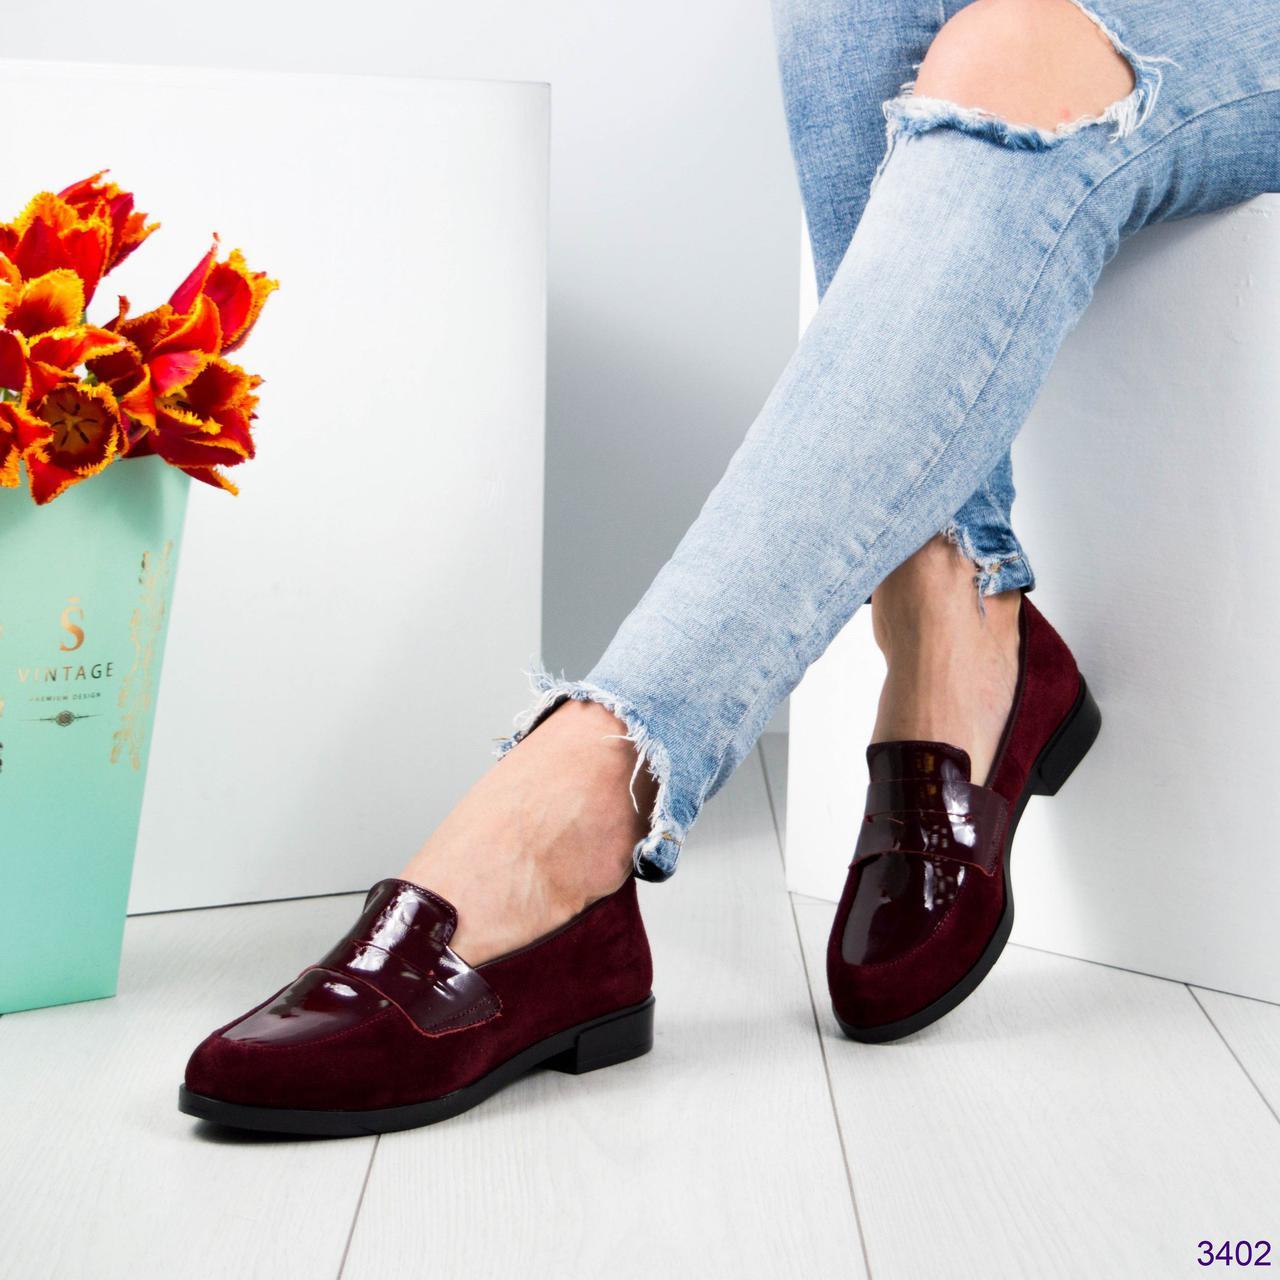 Стильные туфли лоферы. Цвет- темного марсала.